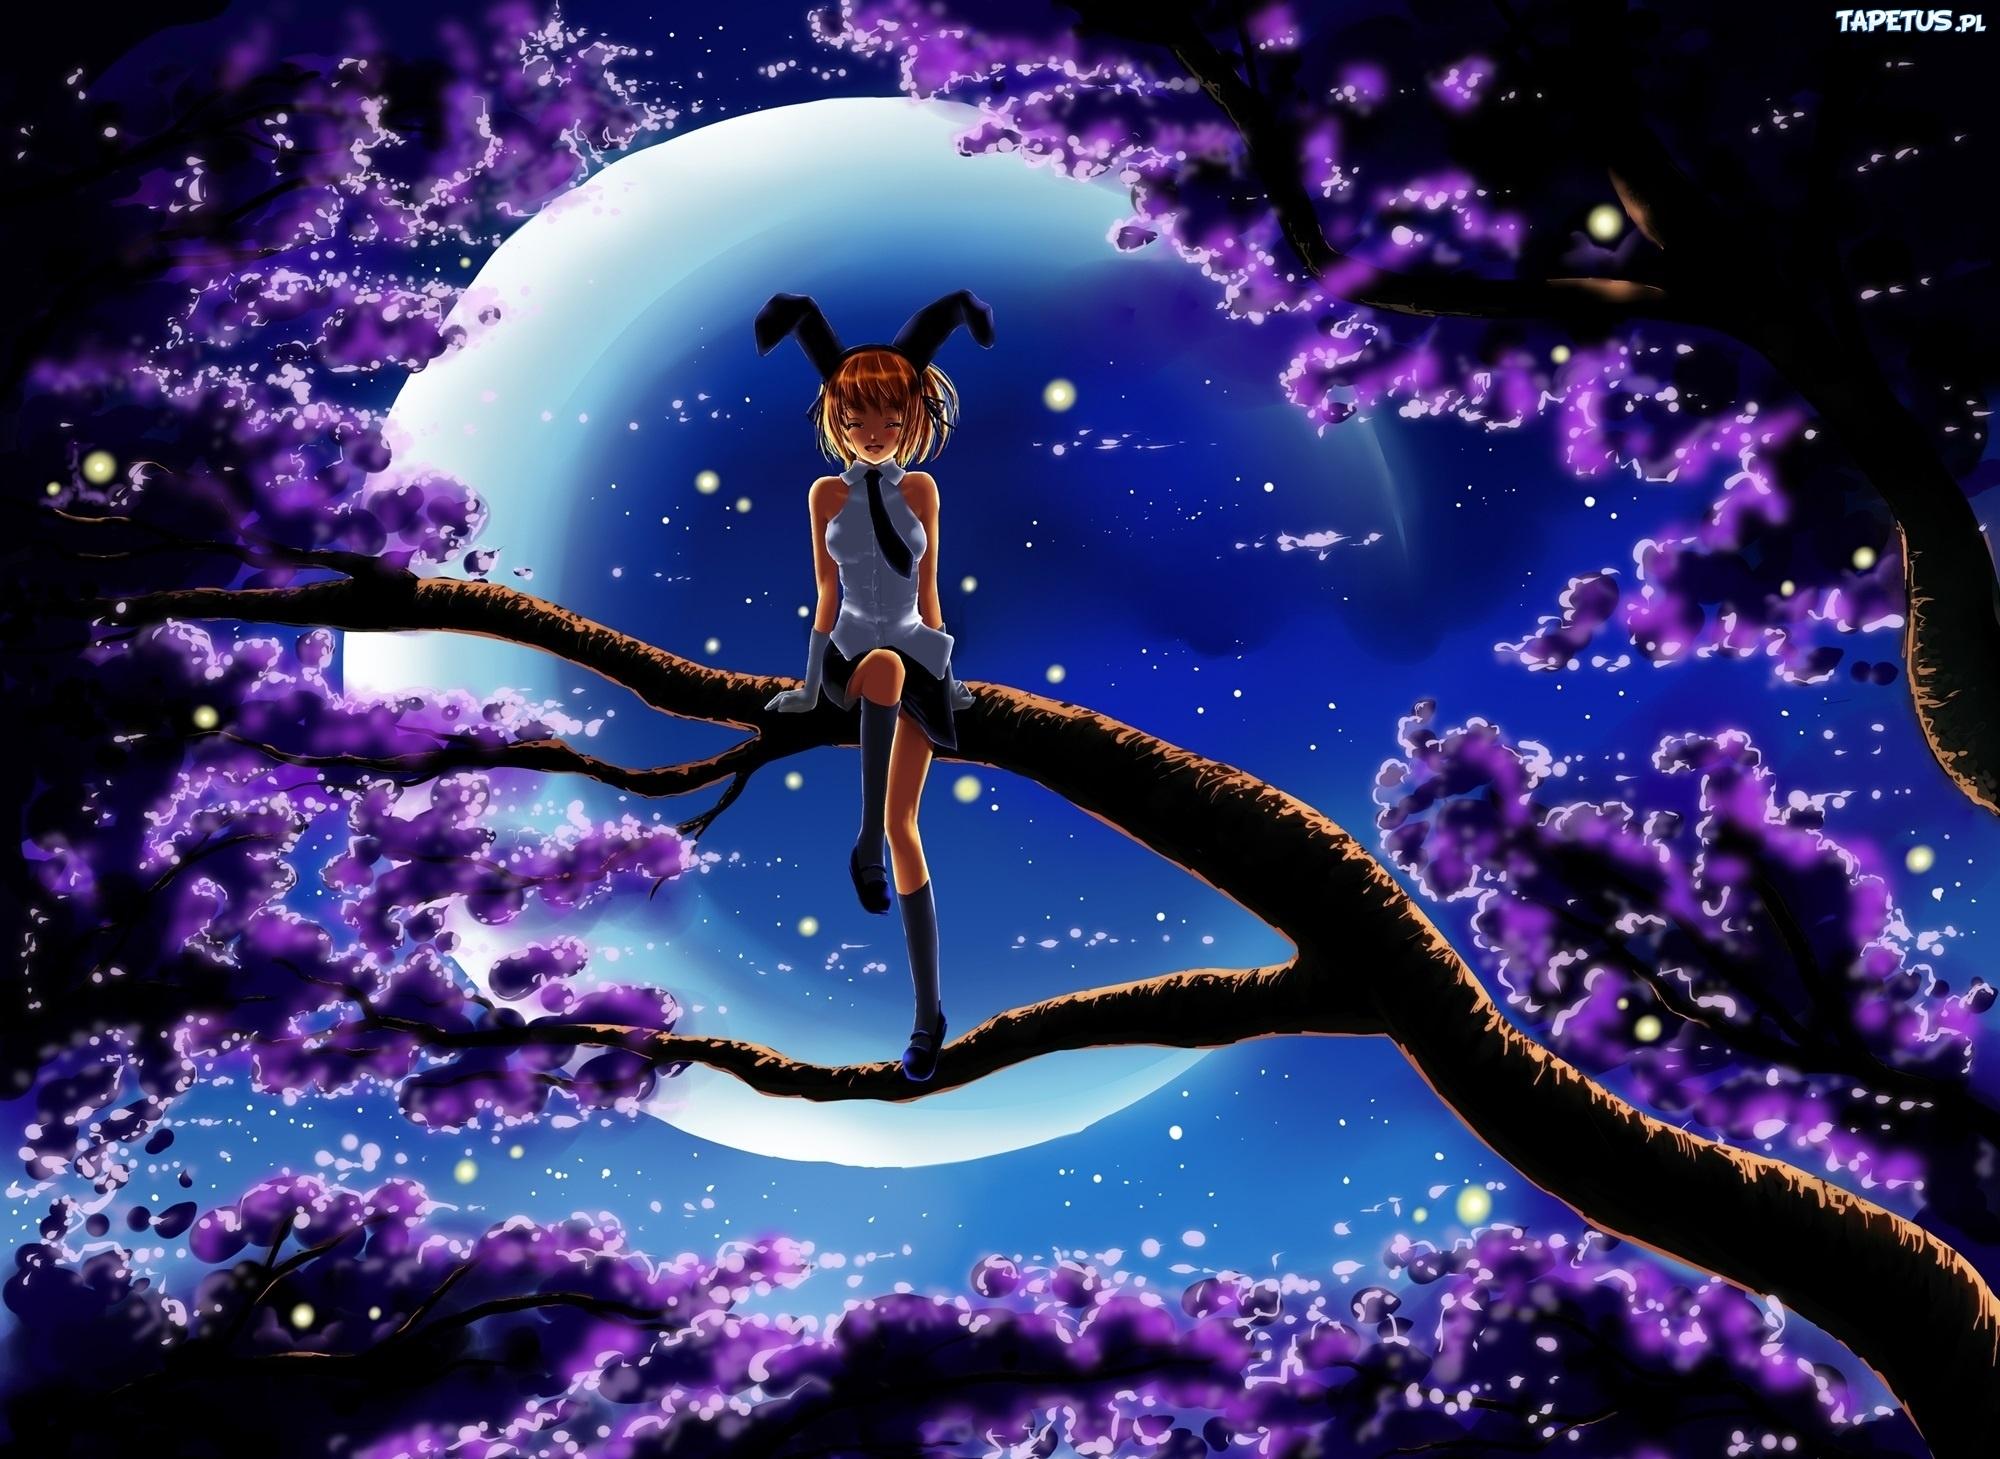 девушка ветка дерево задумчивость girl branch tree thoughtfulness скачать